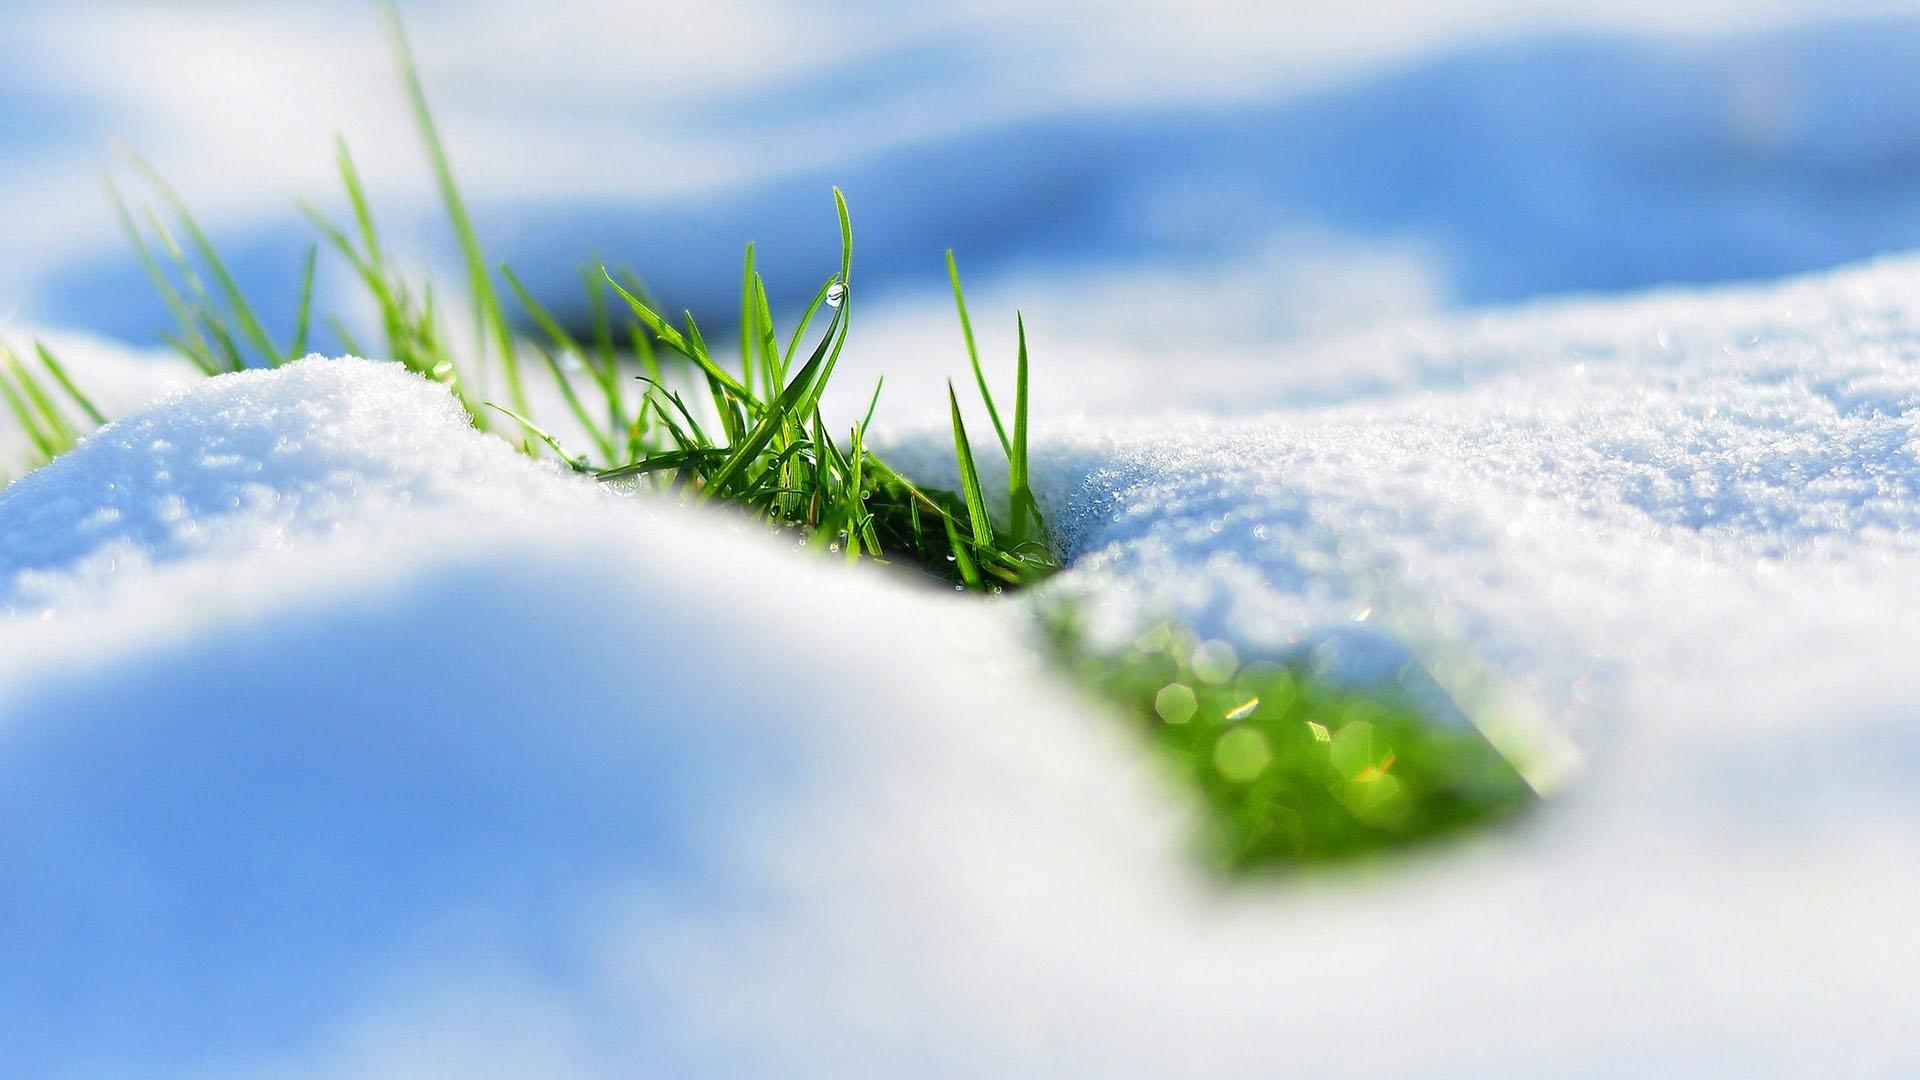 Hình nền mùa đông đẹp chất lượng full hd